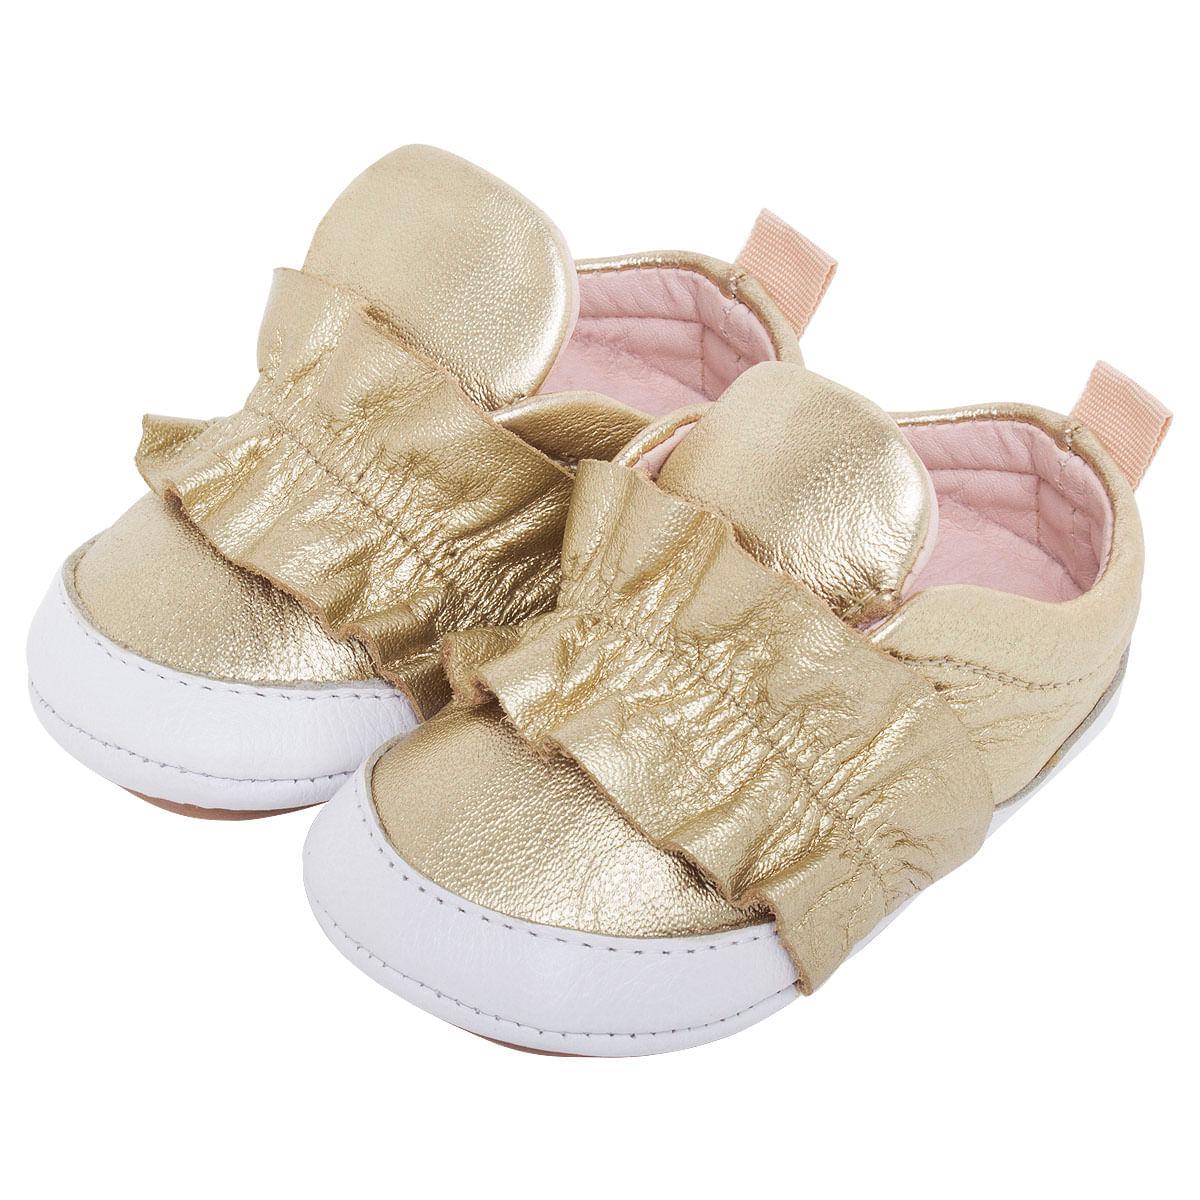 fc259d5452 Tênis frufru em couro Dourado - Maria Caramelo no Bebefacil você encontra  uma grande variedade de sapatinhos para bebes - bebefacil